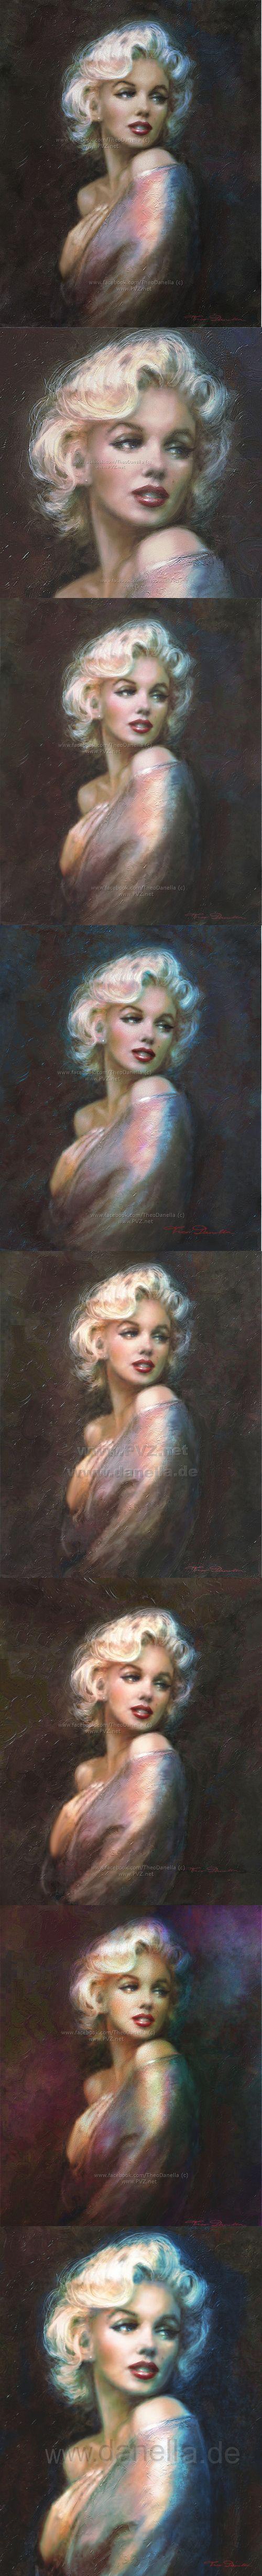 Theo Danella´s MARILYN in ART: www.facebook.com/TheoDanella   ✿   ART Shops:    http://www.pvz.net  www.redbubble.com/people/theodanella ✿